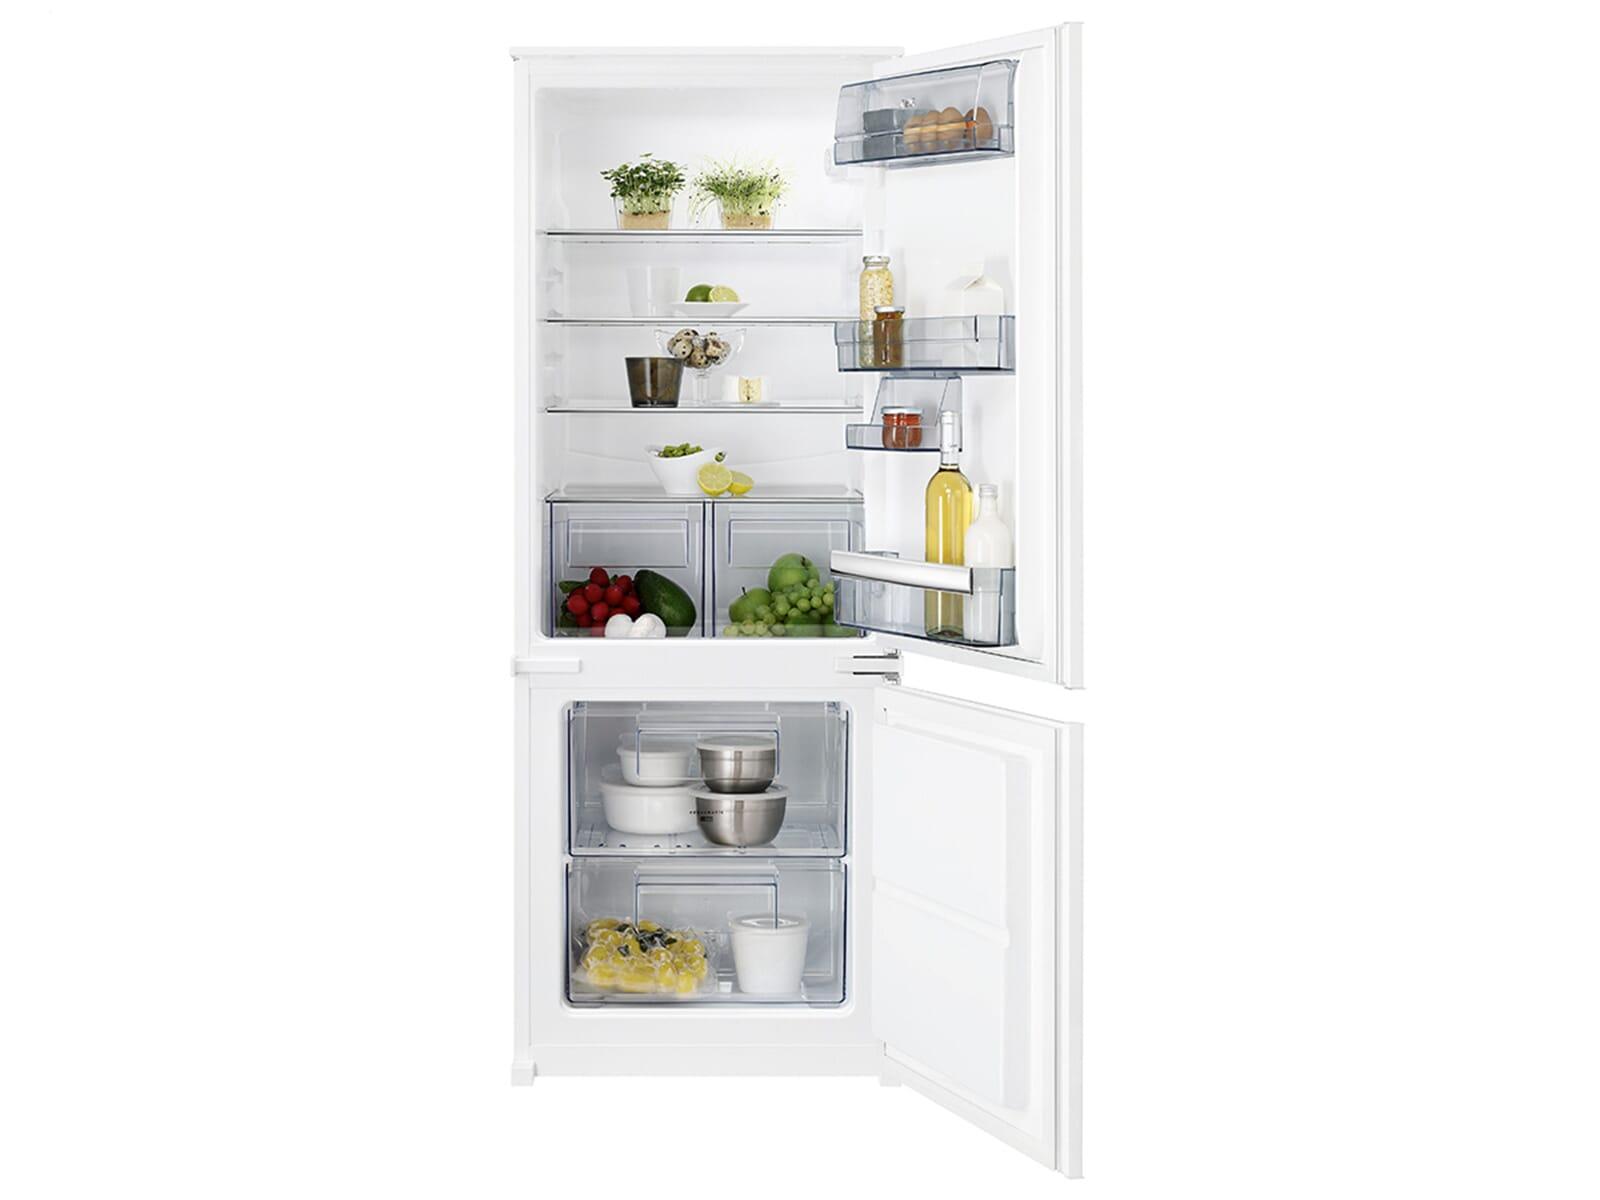 Kühlschrank Kombi : Kühlschrank kombi günstig snaige kühlschrank r thelma curry